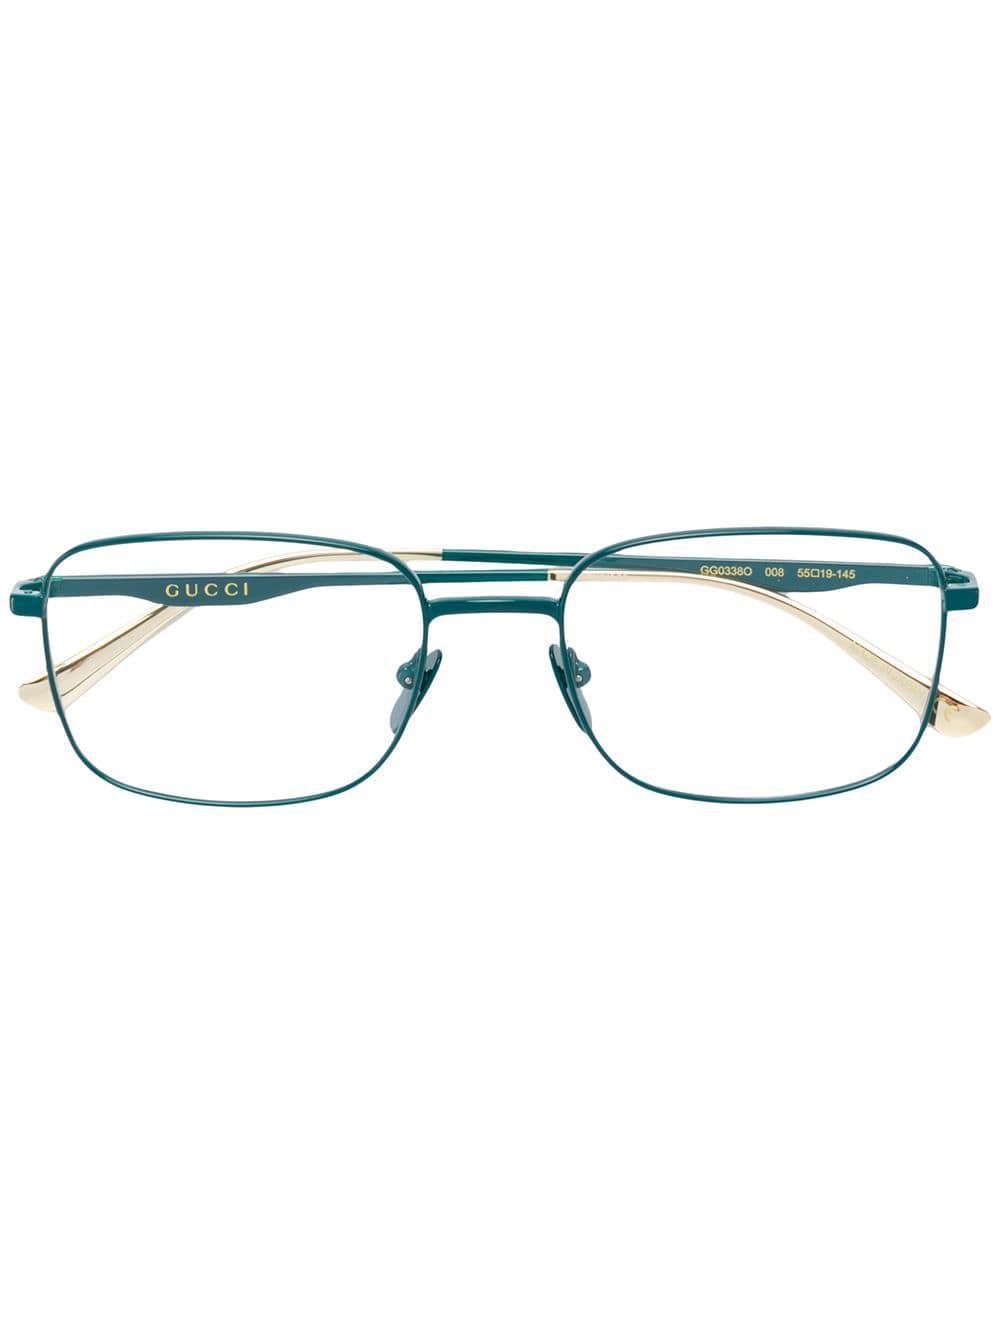 Lyst - Lunettes à monture carrée Gucci en coloris Vert 4e1508544012